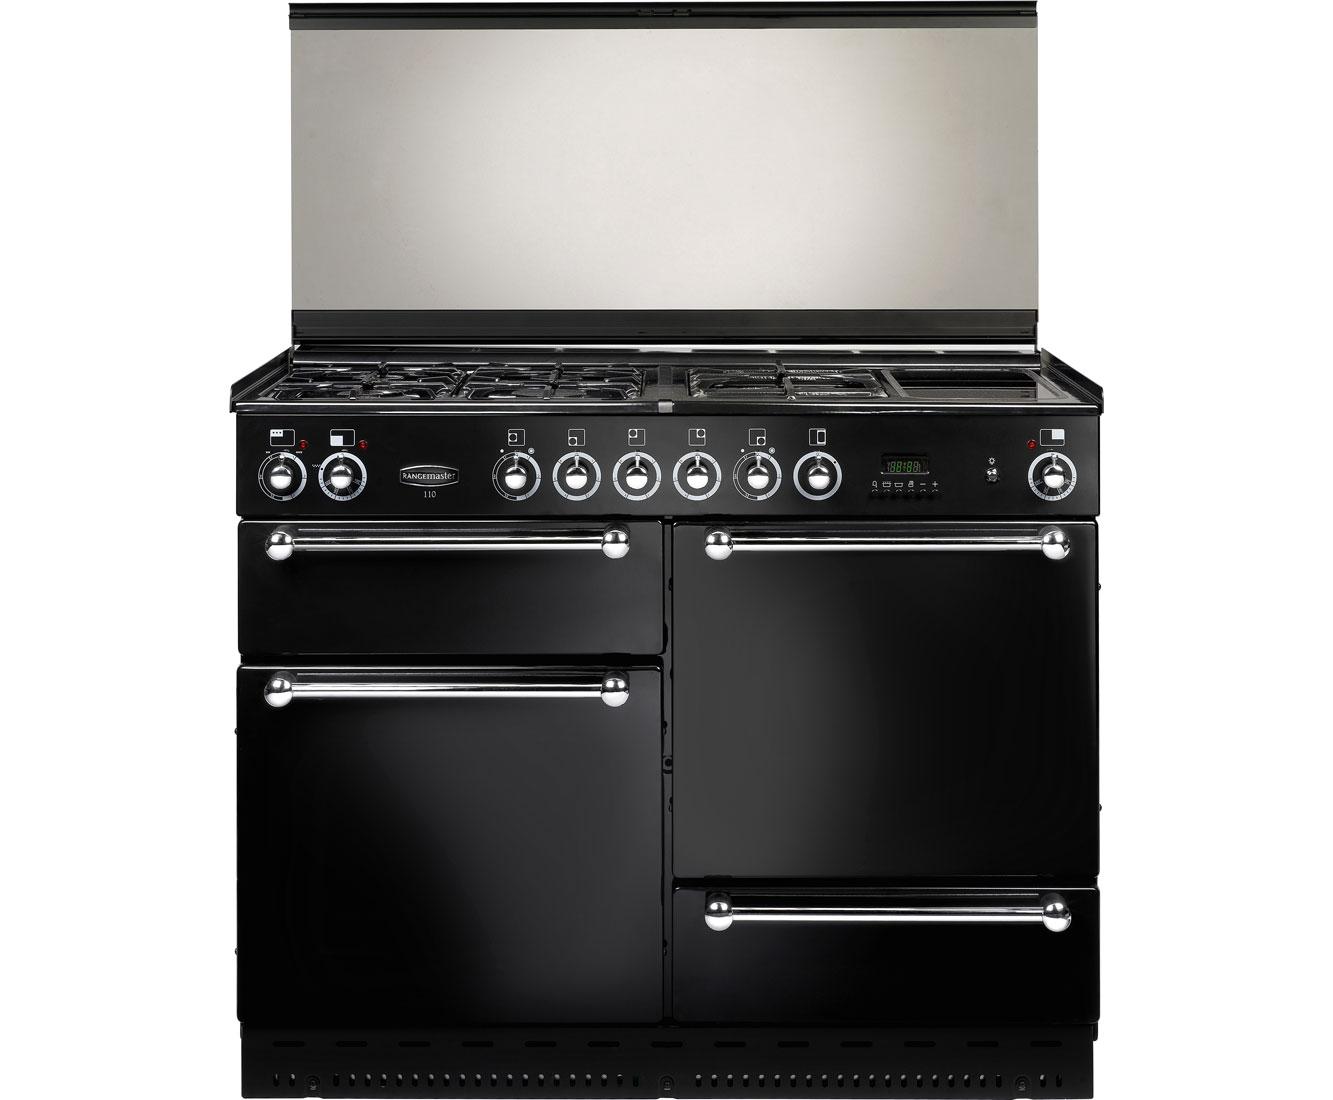 Rangemaster RMS110LPFBLSDC Free Standing Range Cooker in Black  Chrome